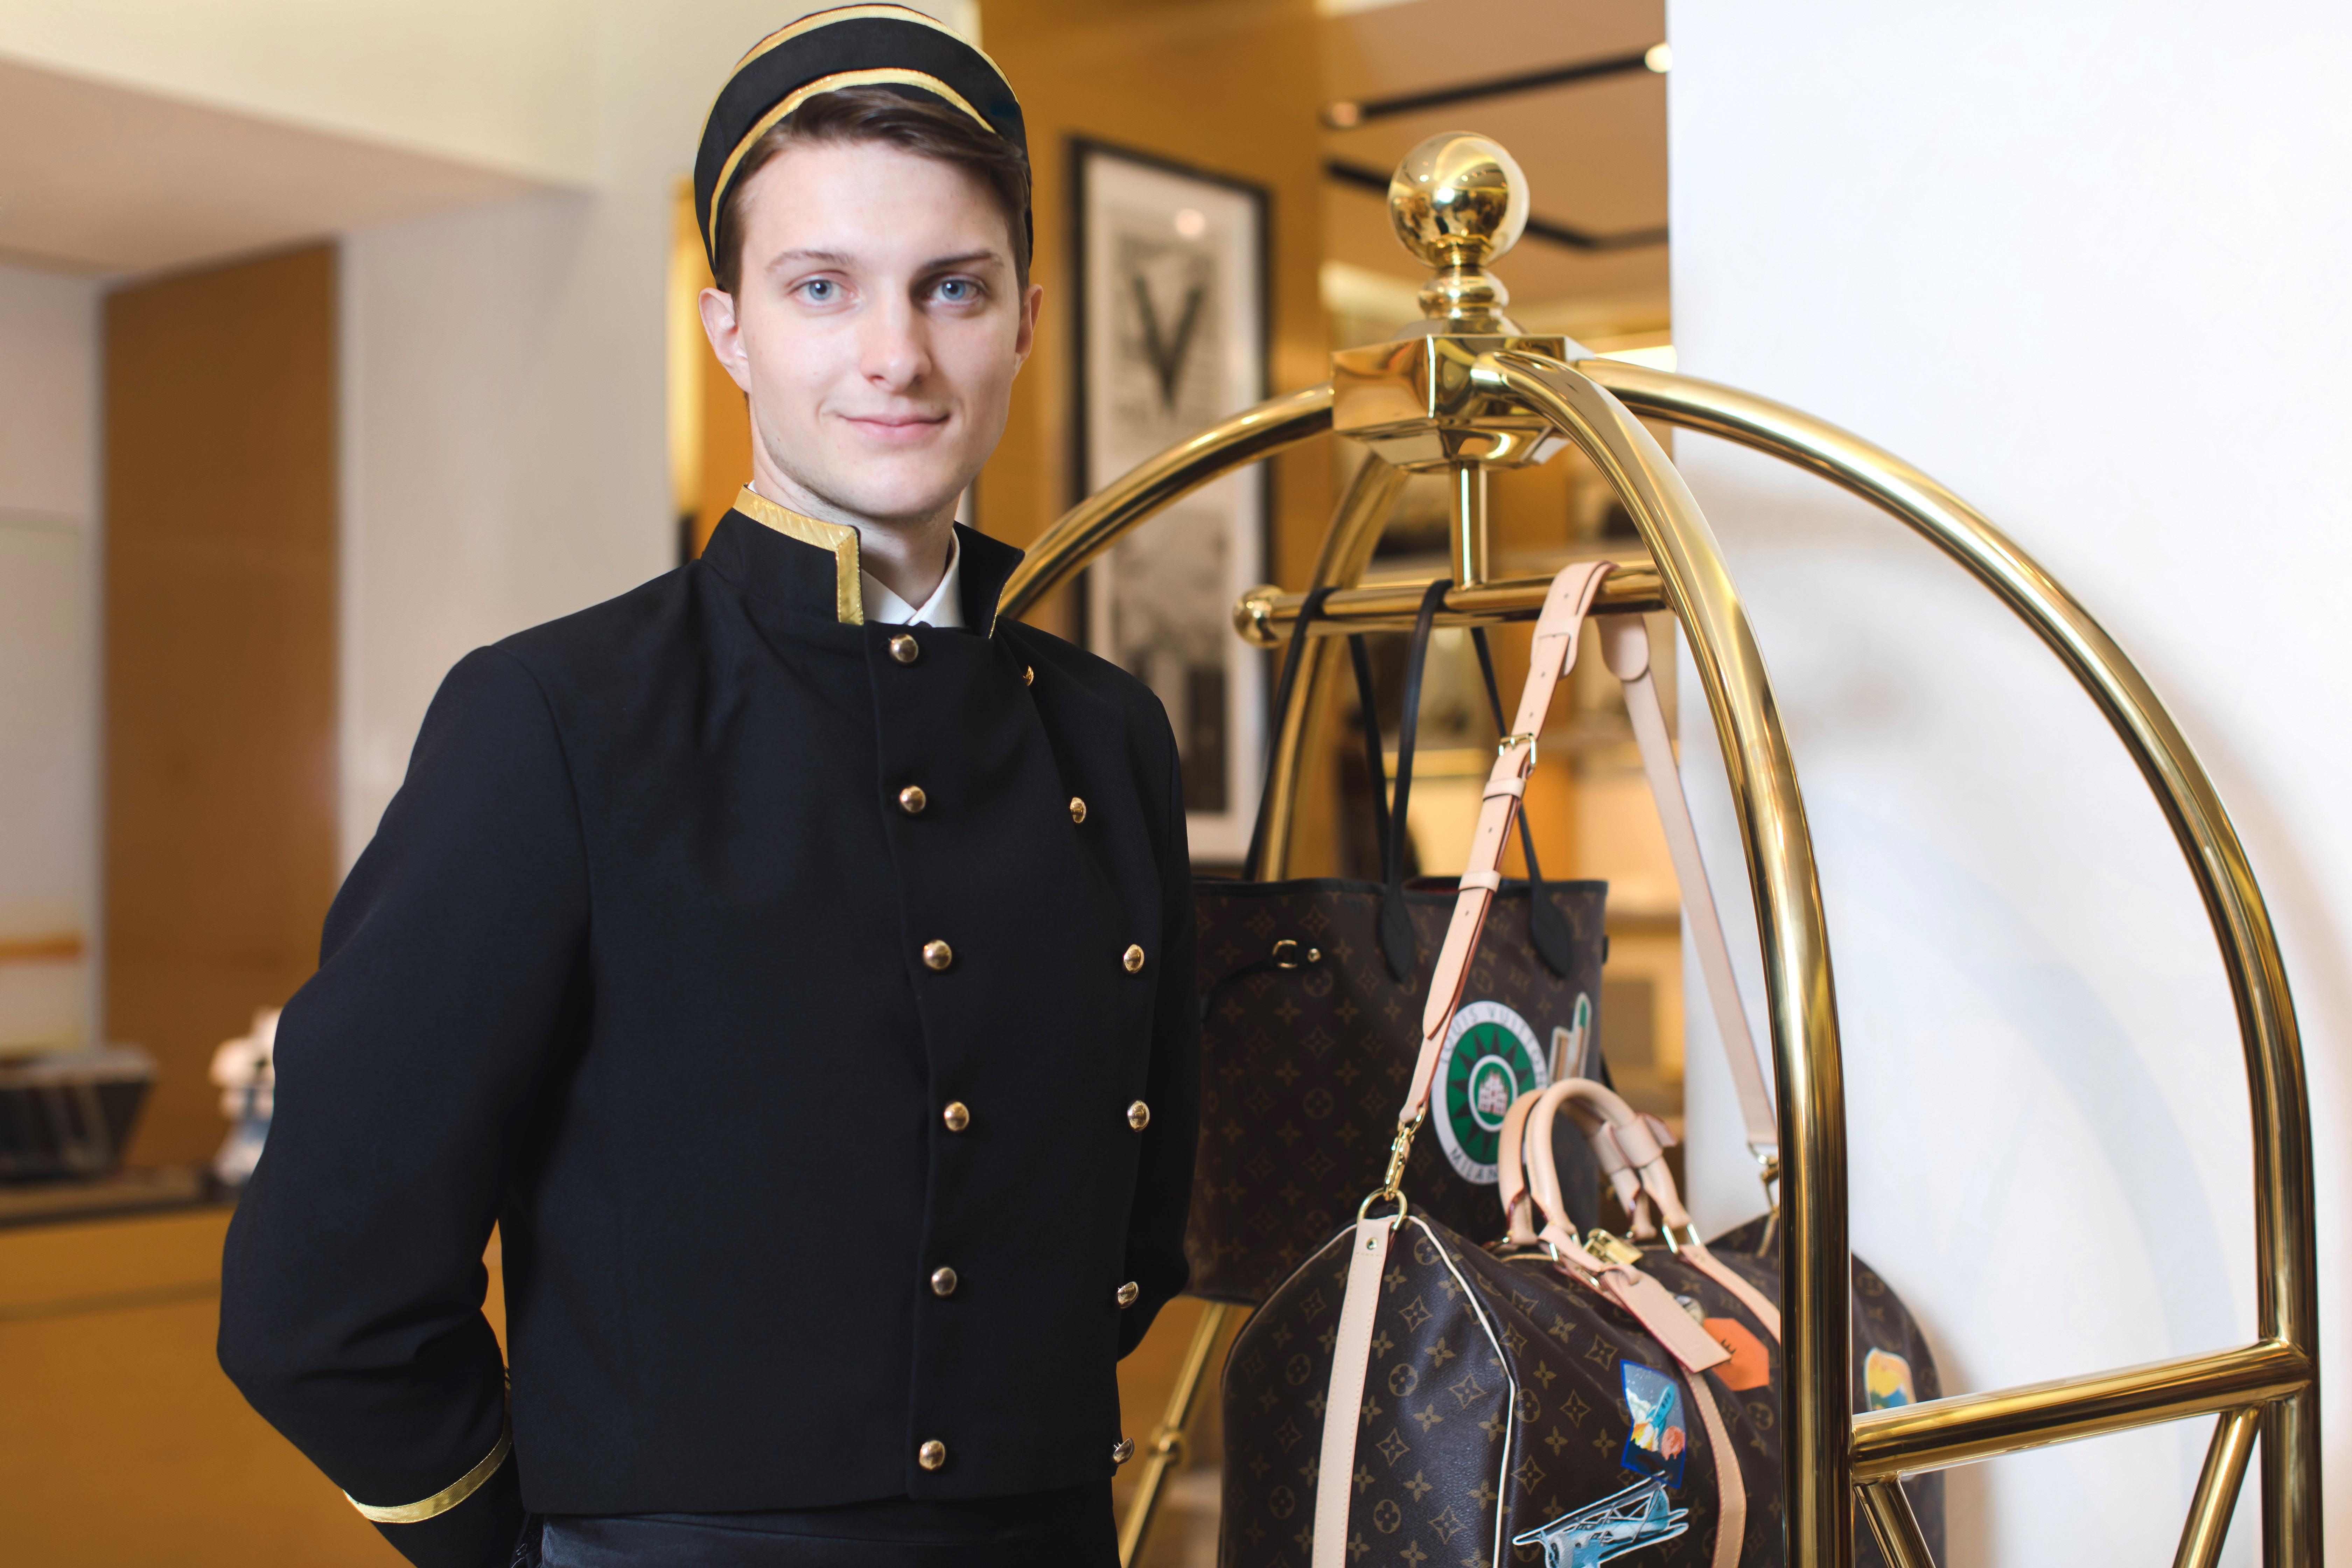 【大阪勤務】ホテル未経験歓迎!世界20カ国で愛される外資系ホテルのベルスタッフのお仕事